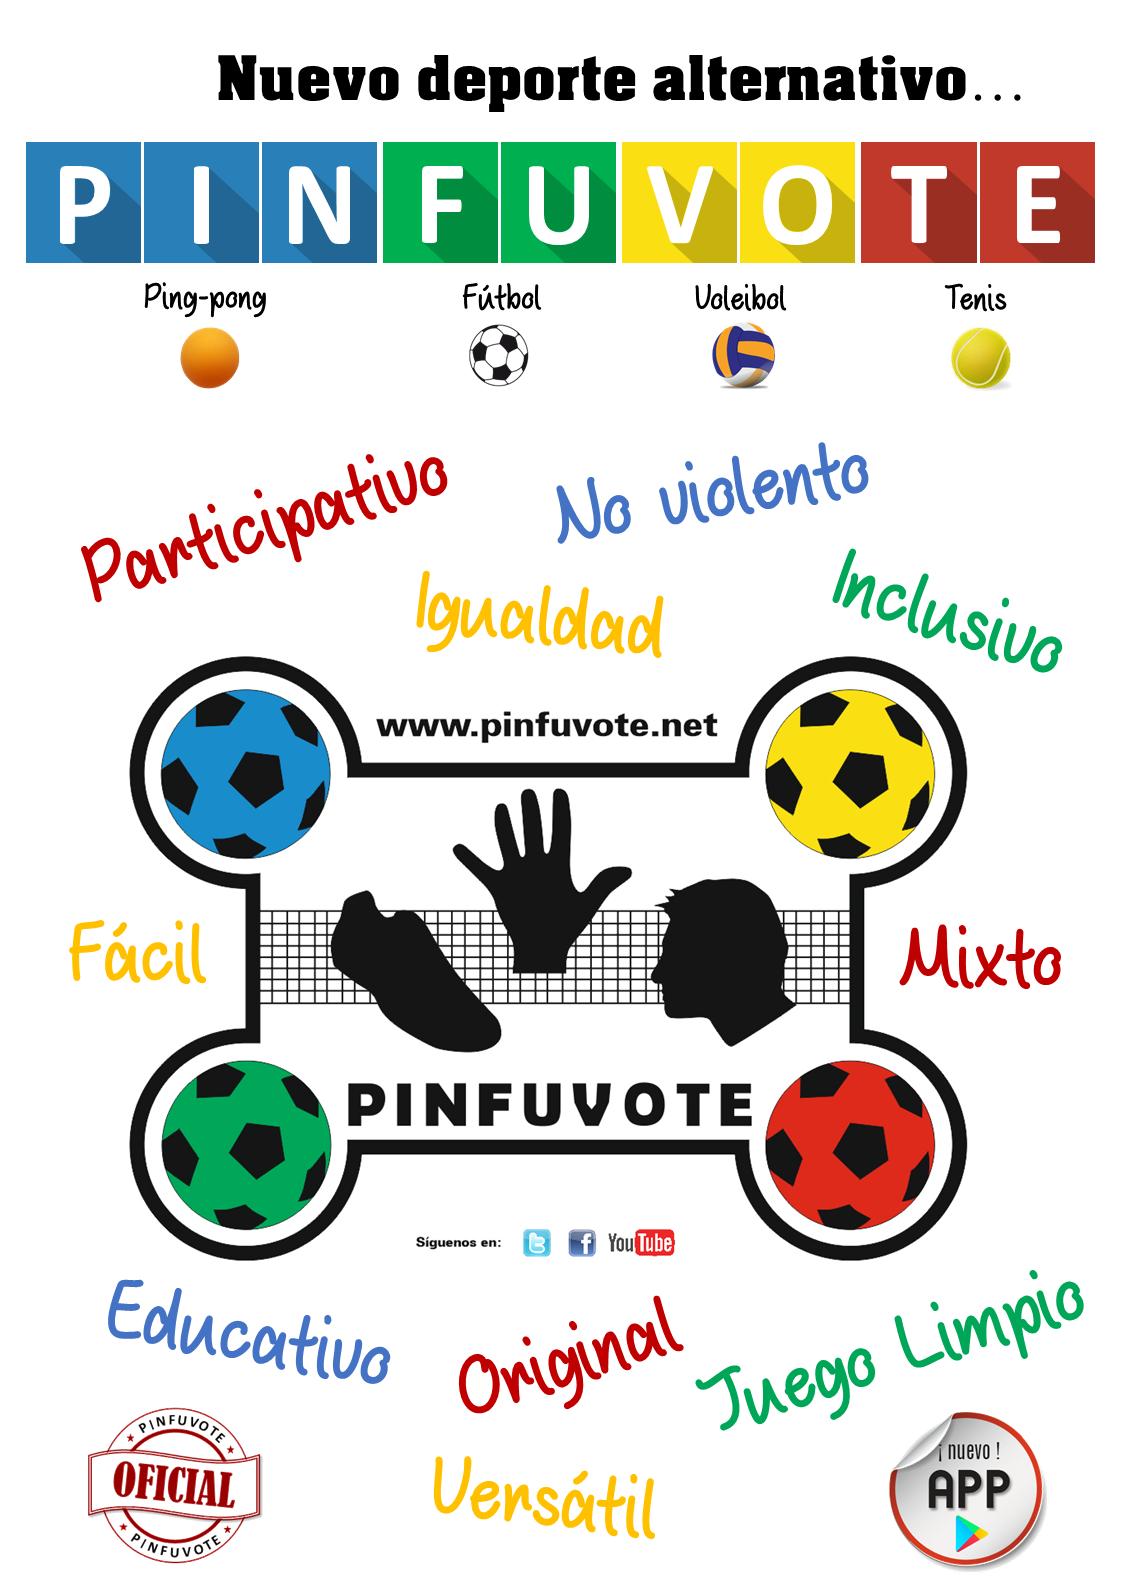 Pinfuvote vinilo valores